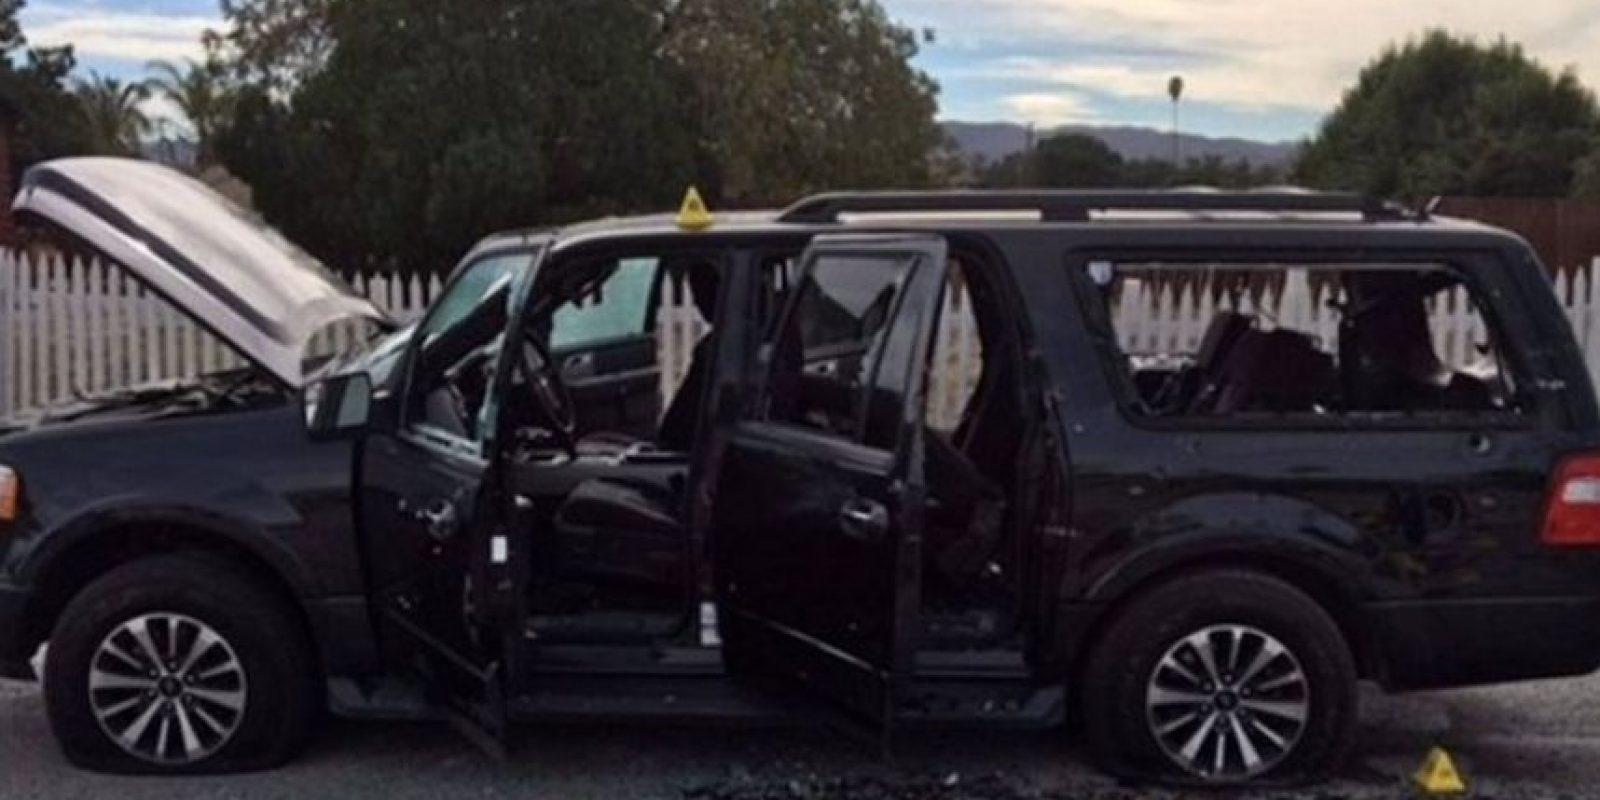 Tashfeen Malik y Syed Rizwan Farook decidieron acabar con la vida de 14 personas el pasado 2 de diciembre en San Bernardino, California. Foto:AFP